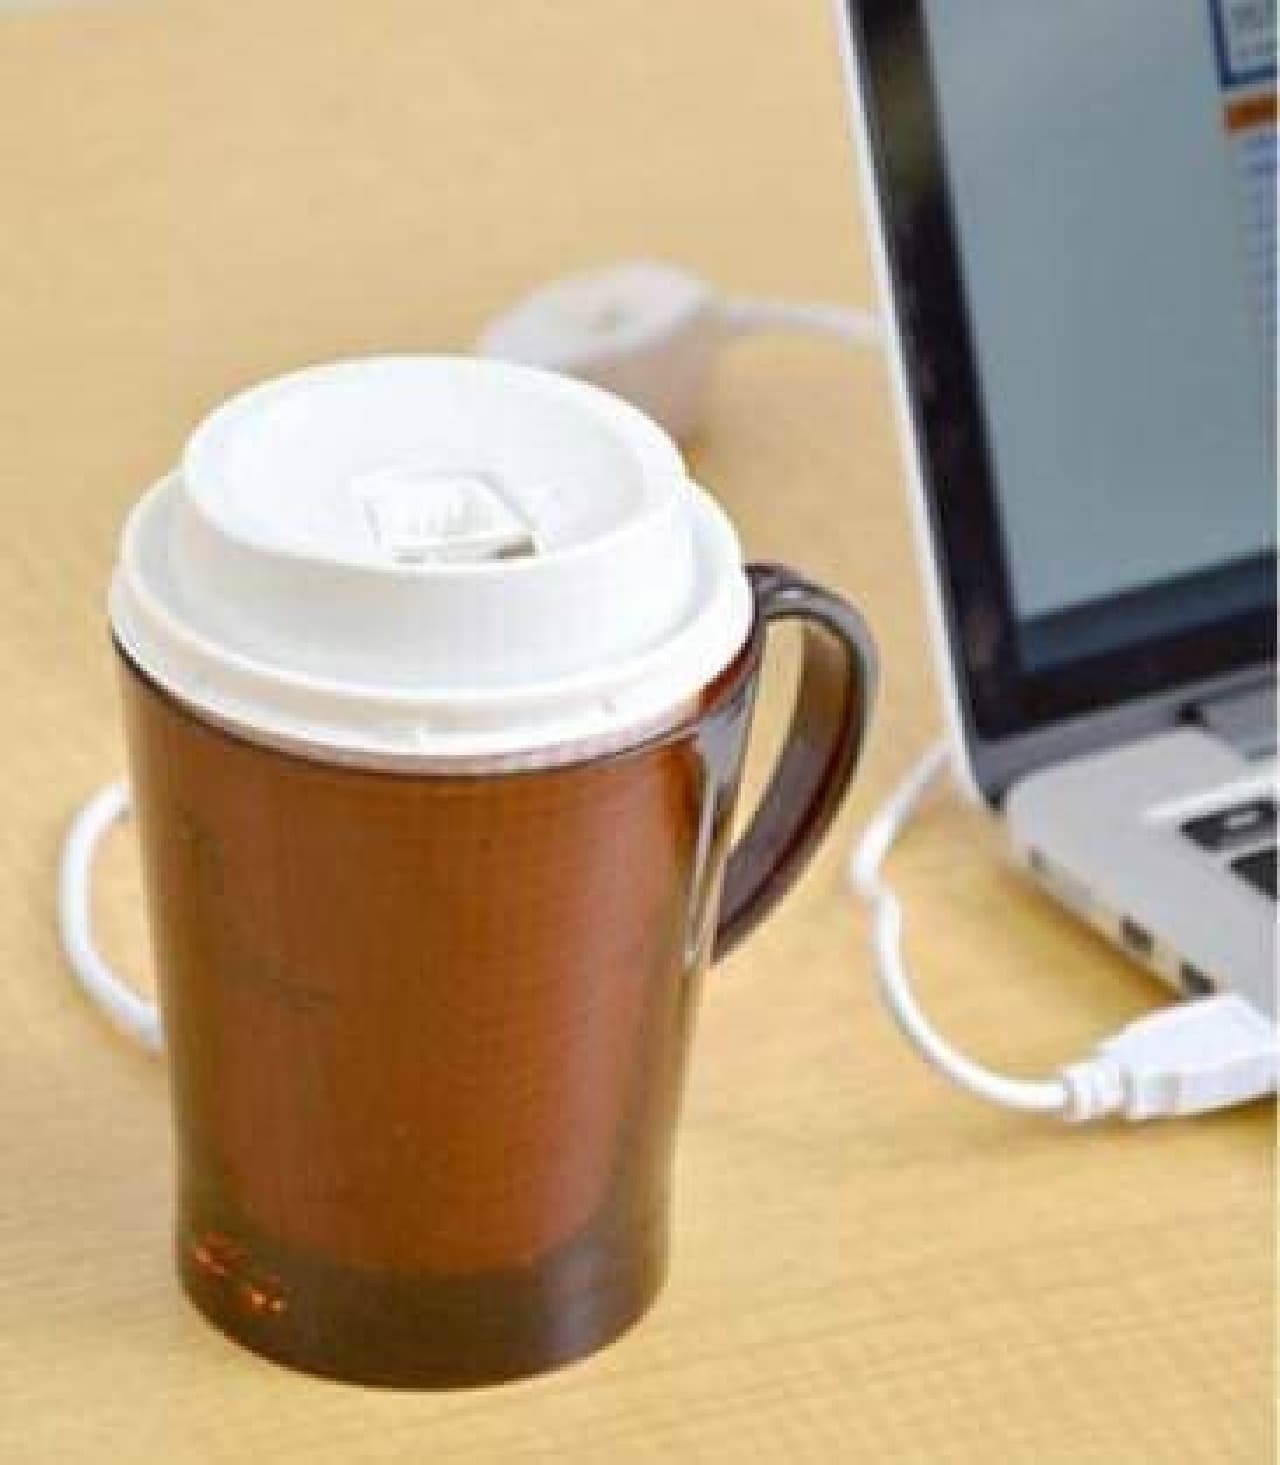 USBあったか紙コップウォーマー2